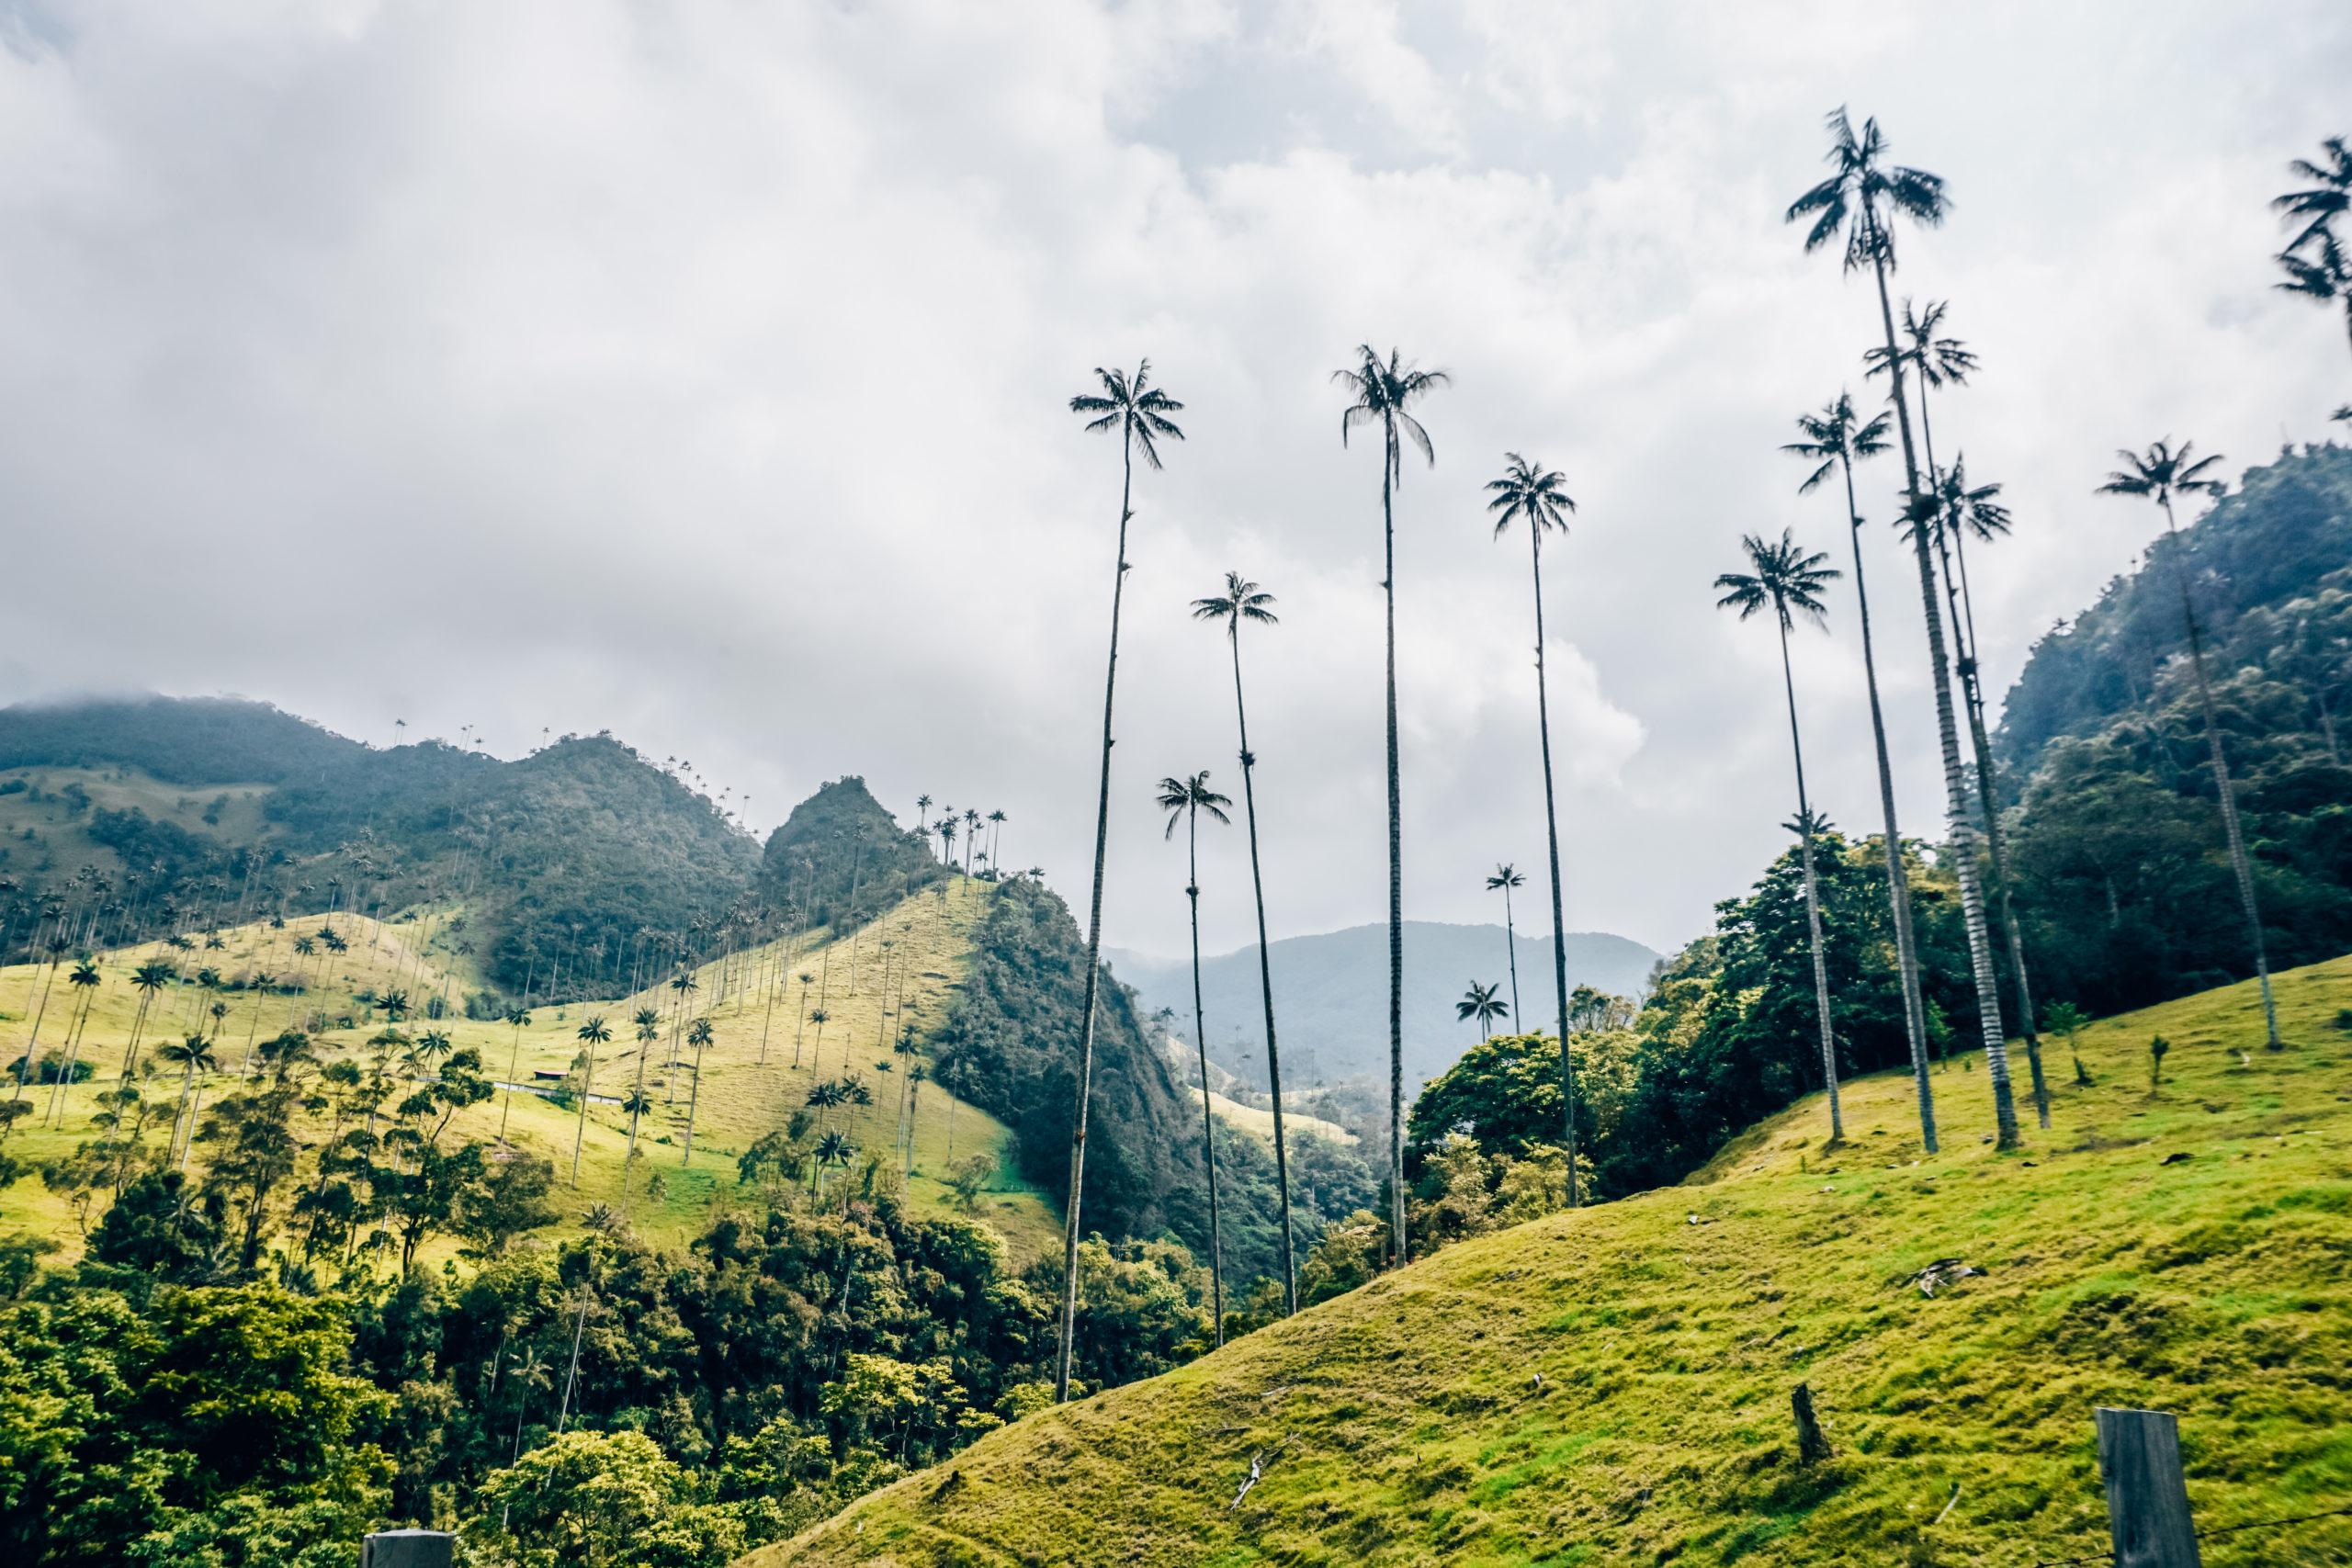 Die höchsten Palmen der Welt